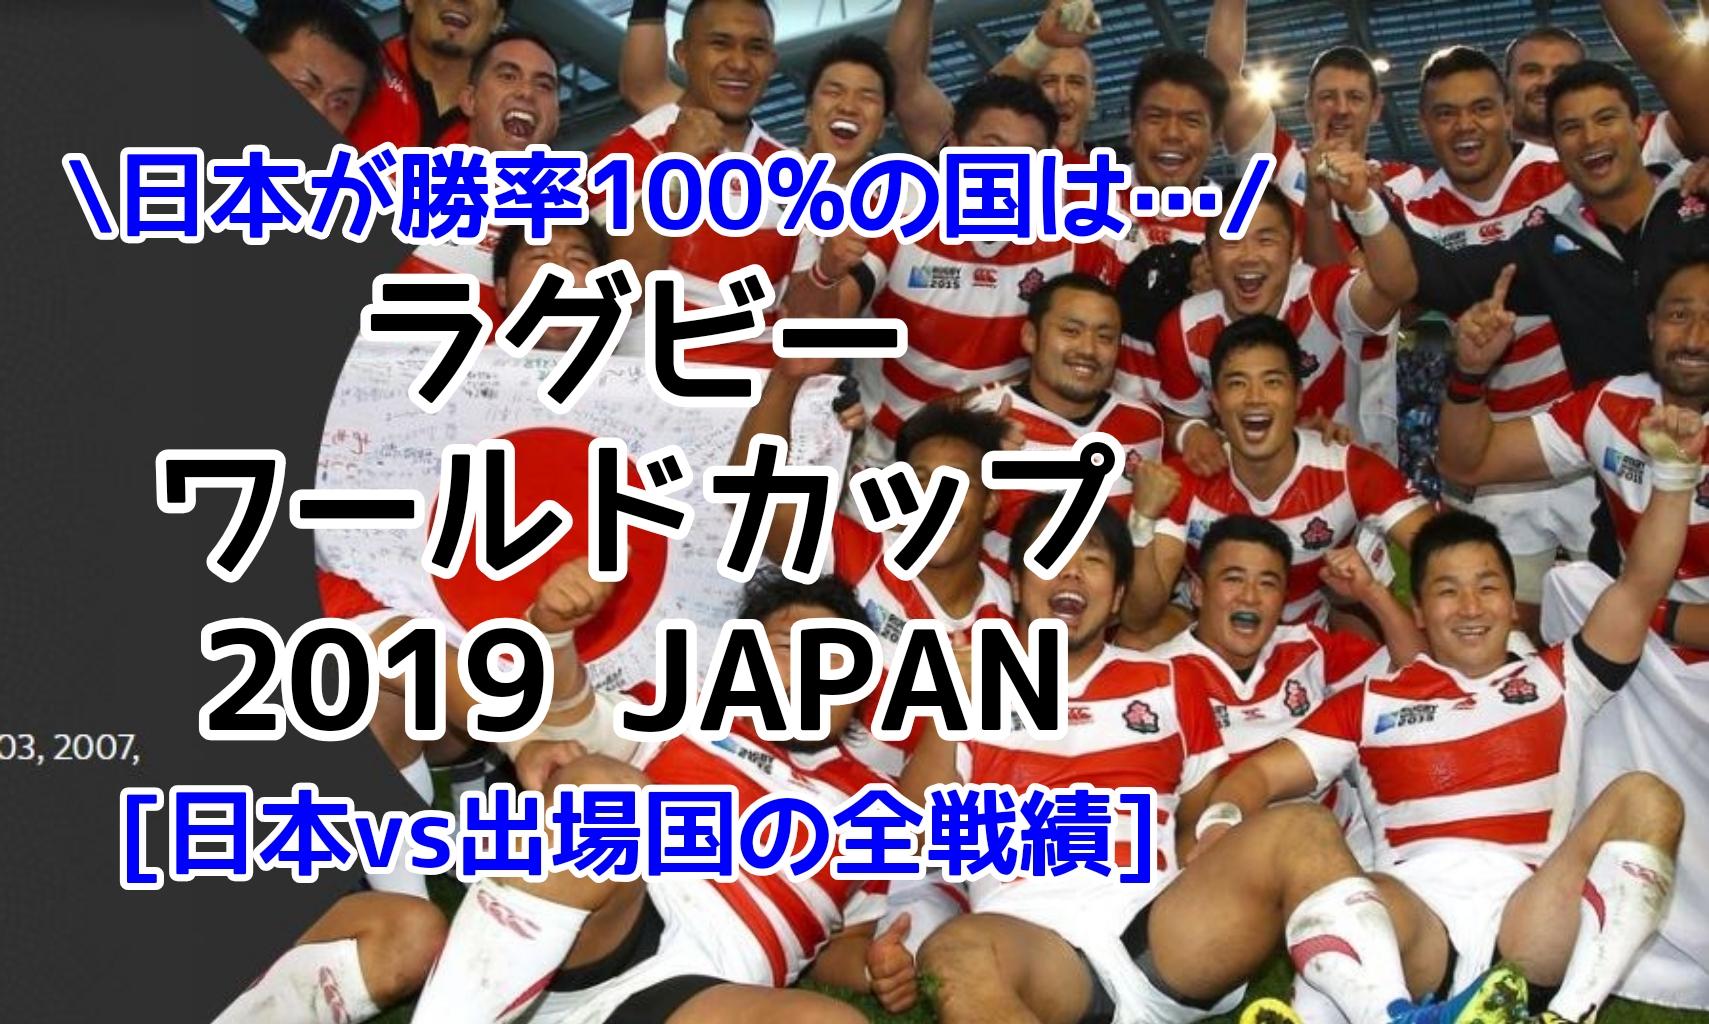 ラグビーワールドカップ2019出場国と日本の過去の対戦成績